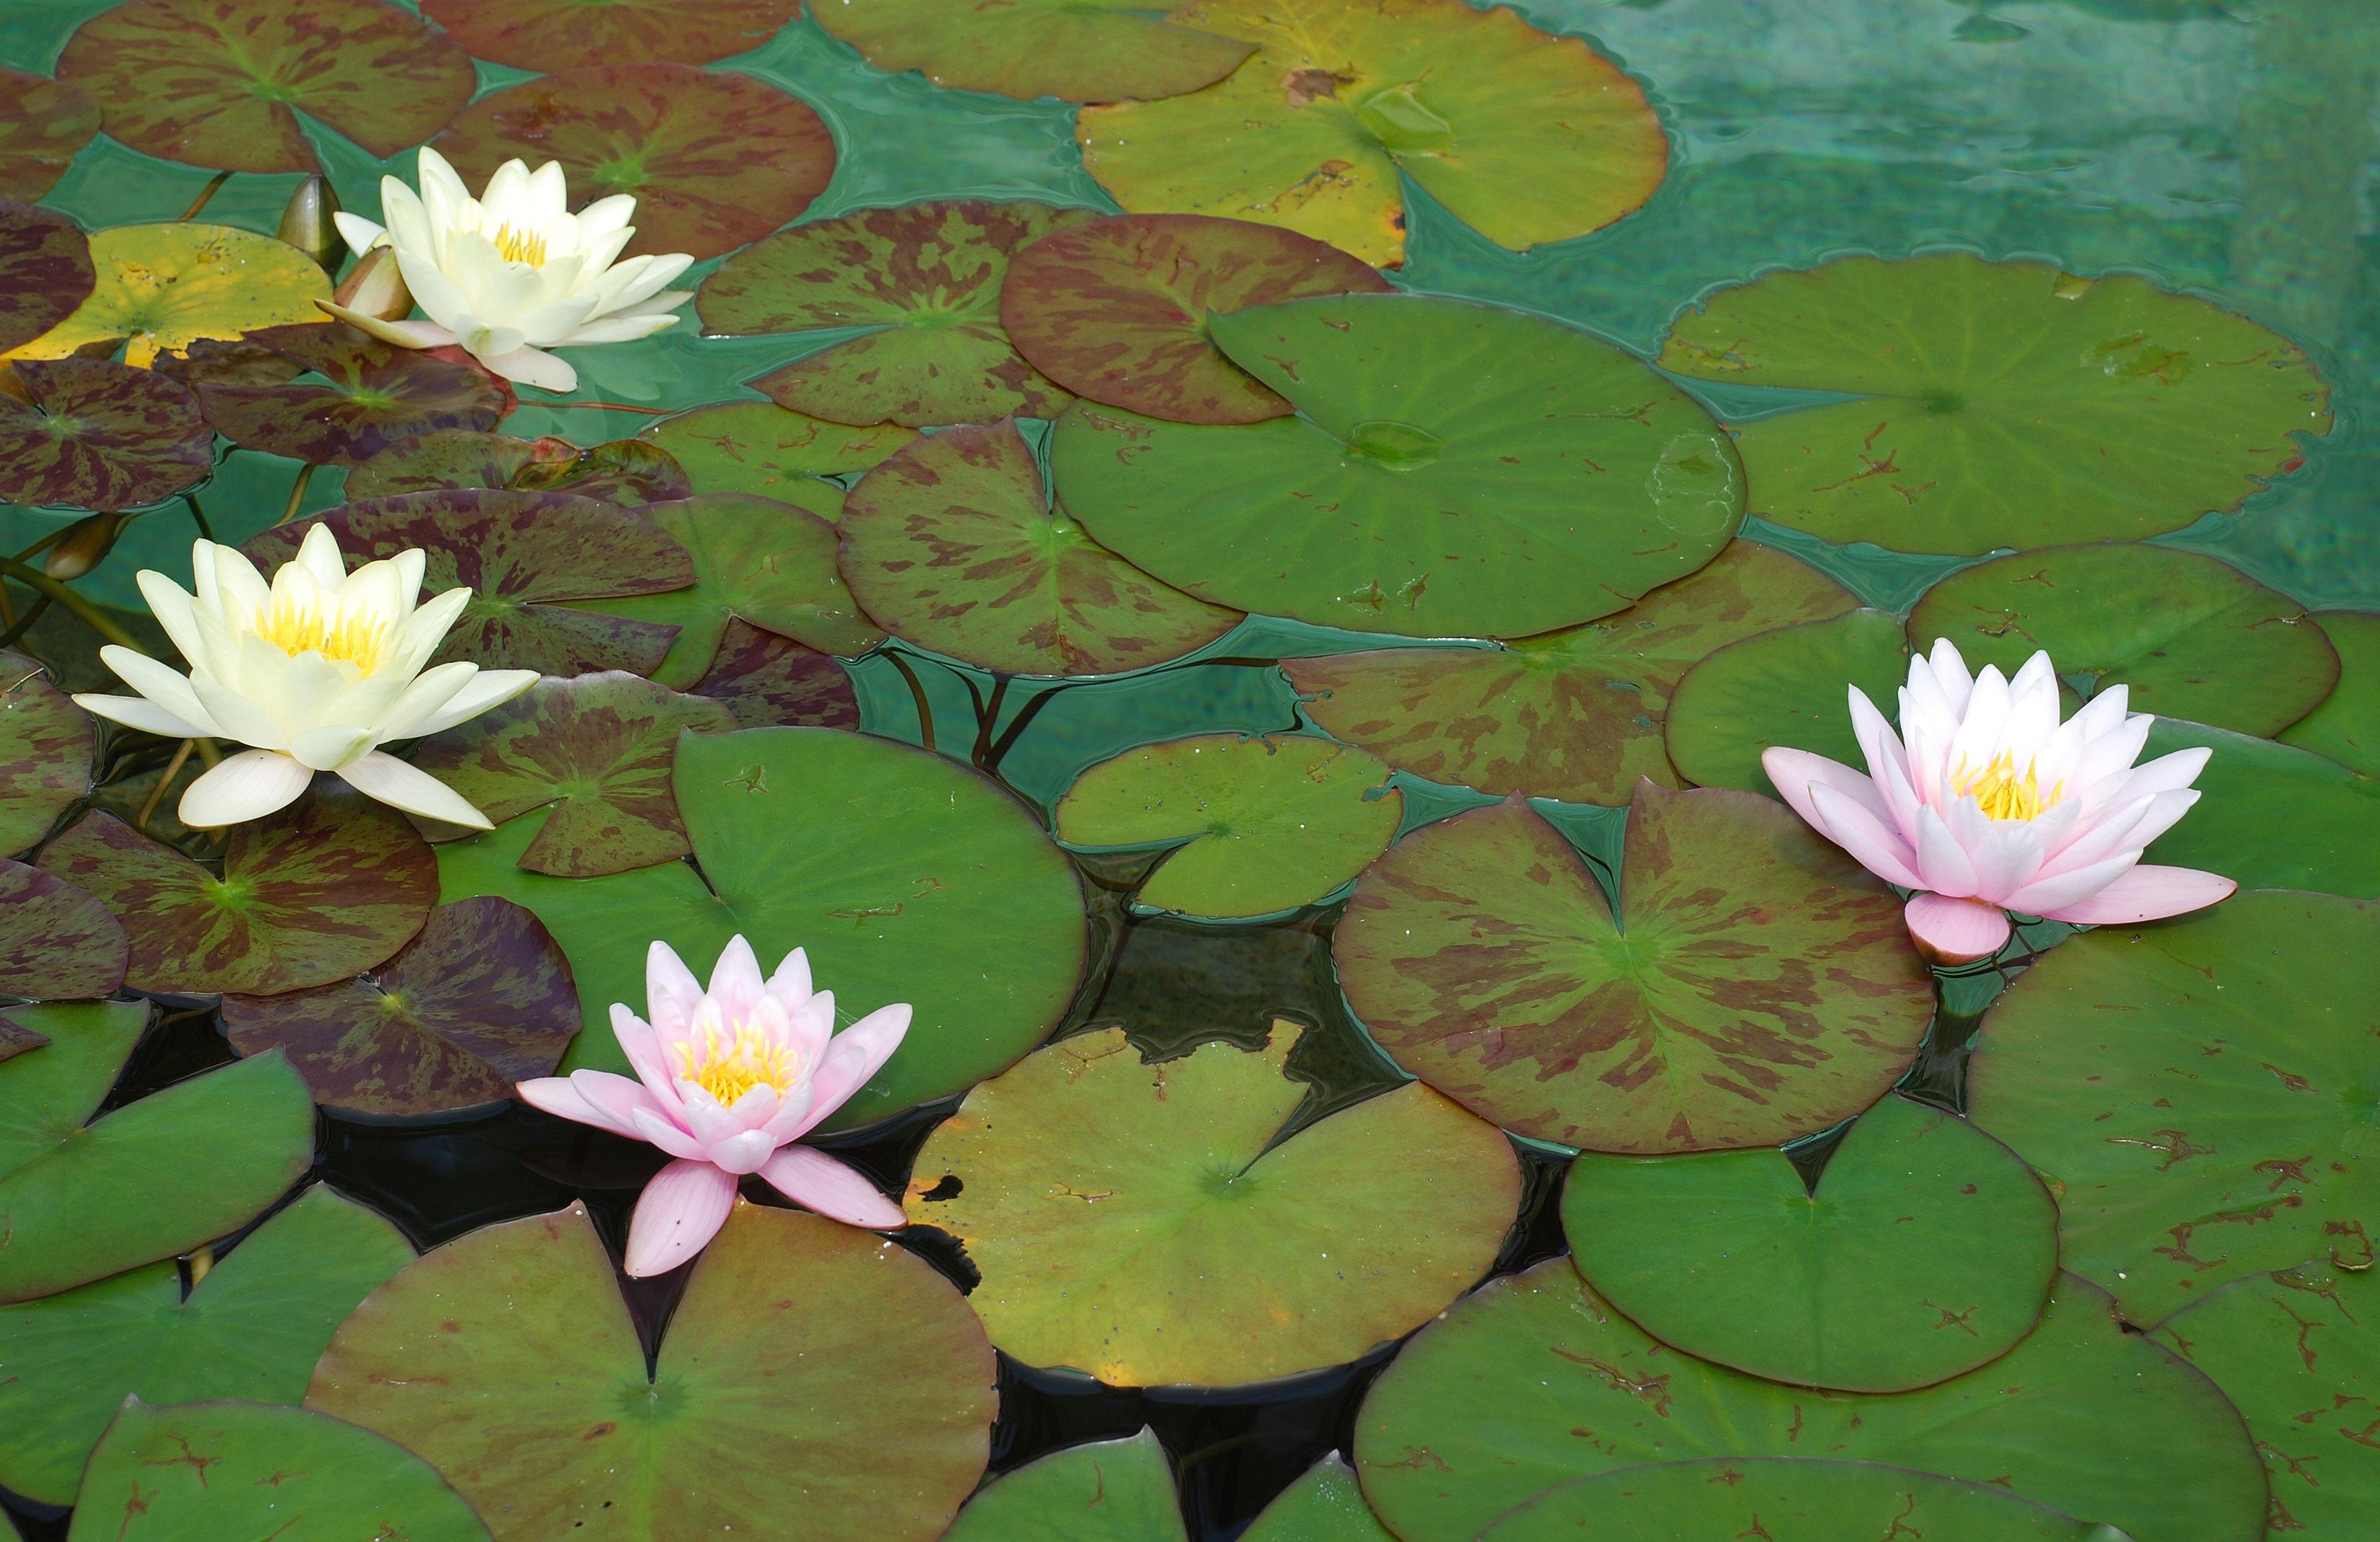 Free Images Nature Blossom White Leaf Flower Petal Bloom